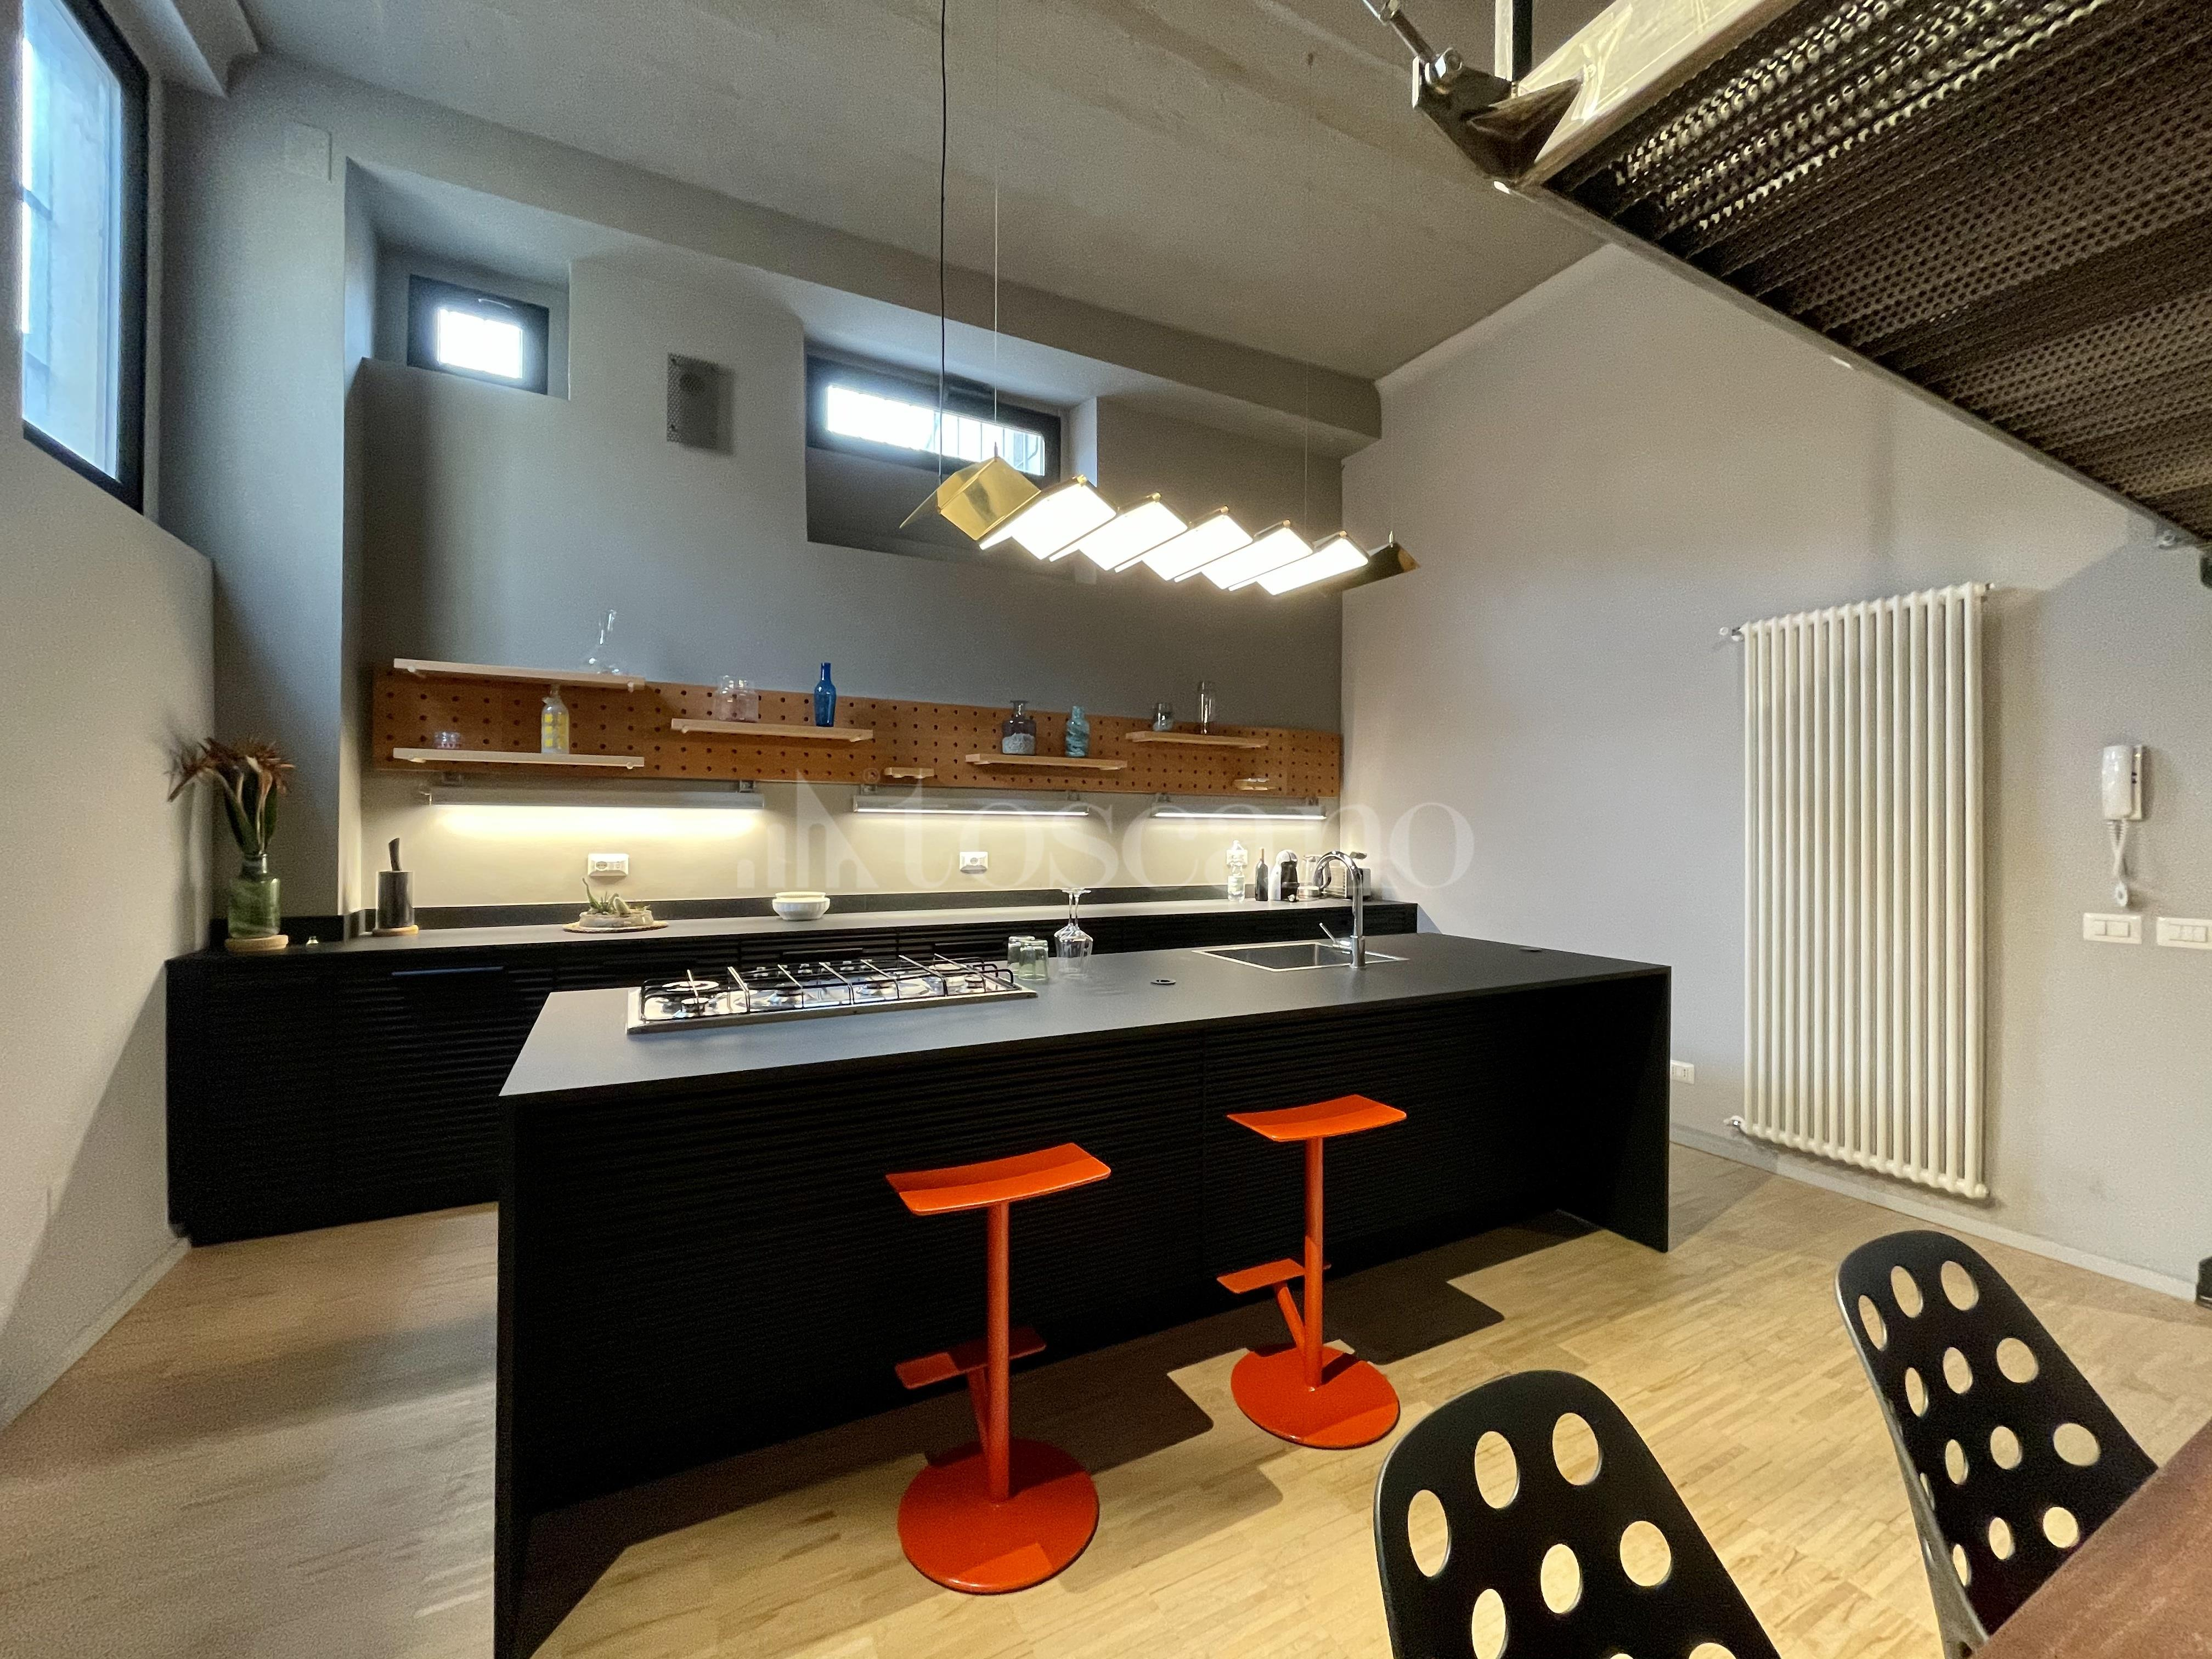 Casa in vendita di 135 mq a €550.000 (rif. 34/2021)